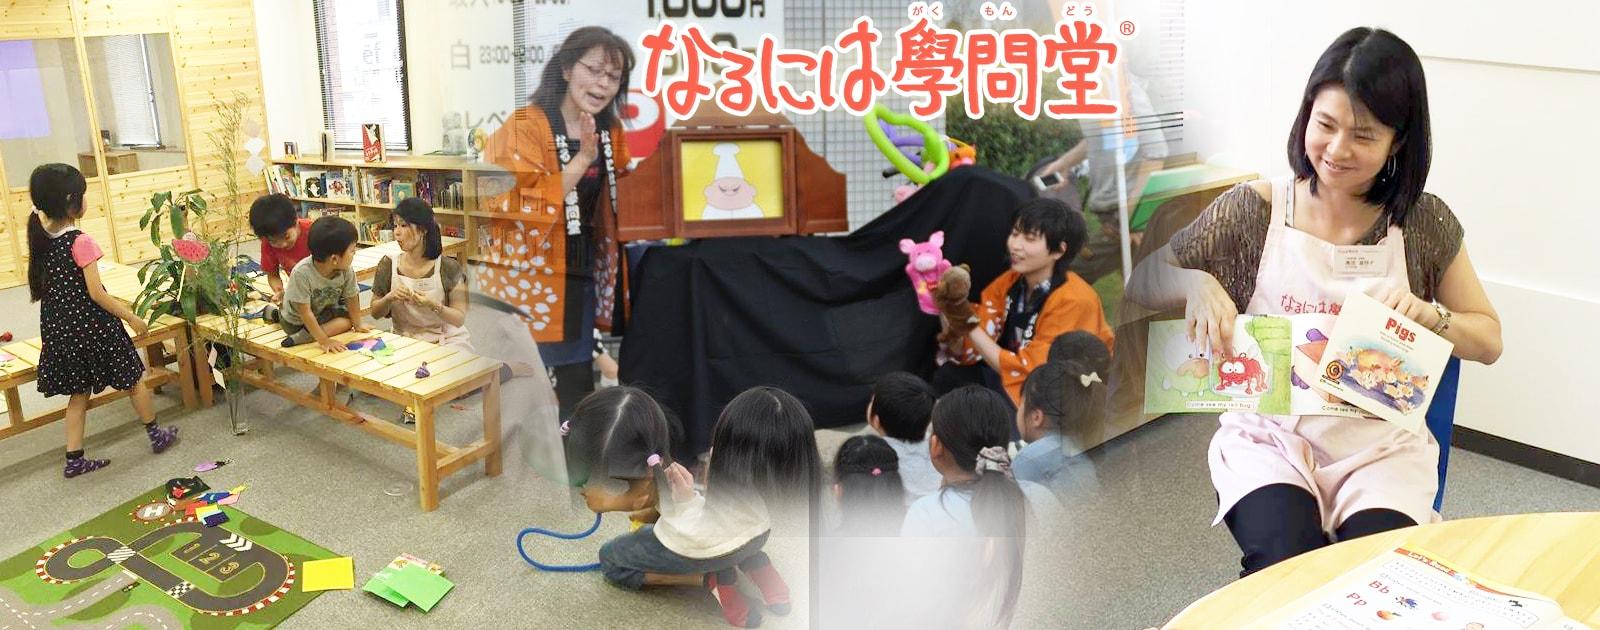 「天才」を引き出す学童保育なら - なるには學問堂